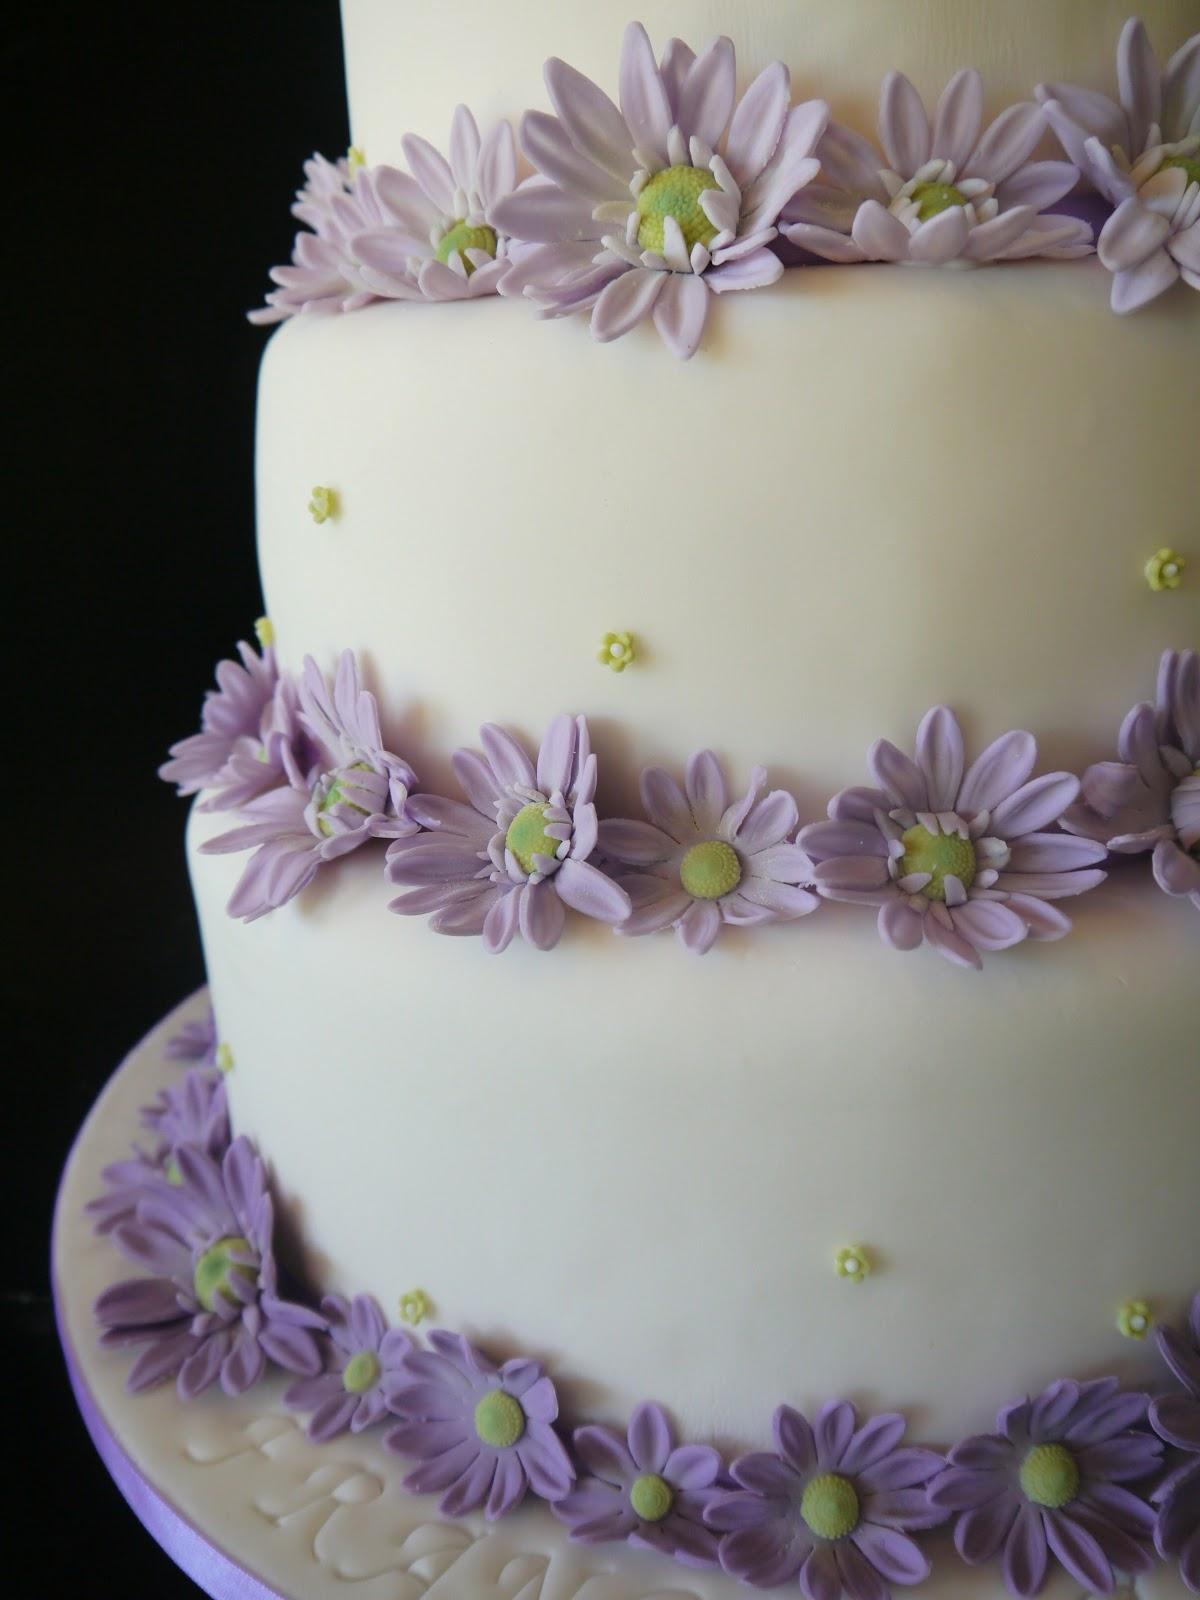 Incanto di zucchero la torta per la cresima di francesca - Decorazioni per cresima ...